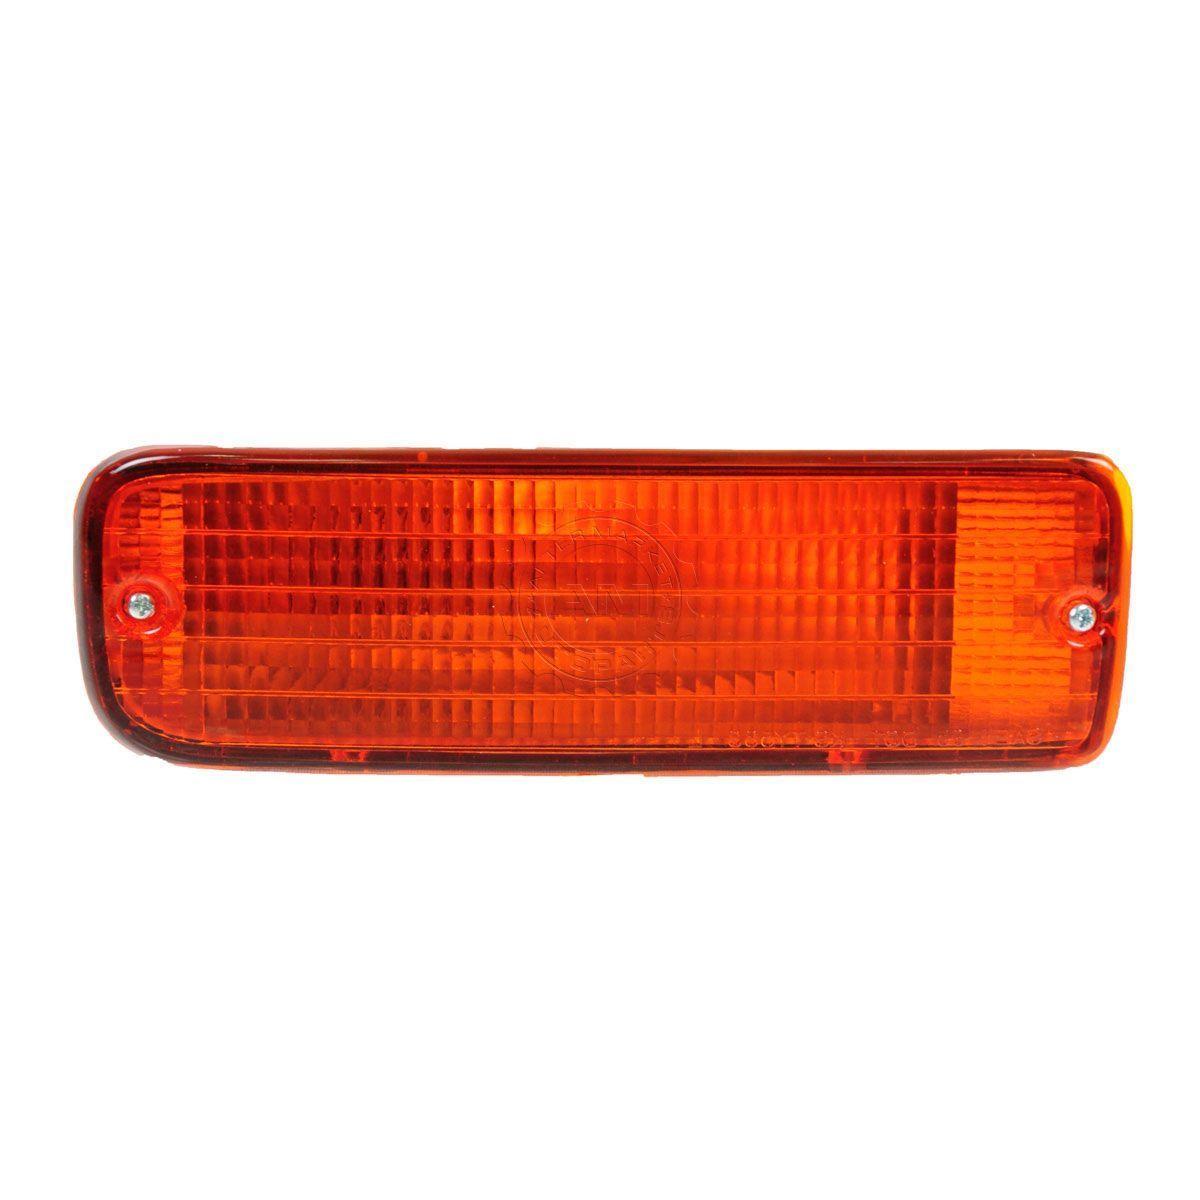 コーナーライト Bumper Mounted Parking Light Right Passenger Side for 96-98 4Runner 4 Runner バンパーは、96-98 4Runner 4 Runner